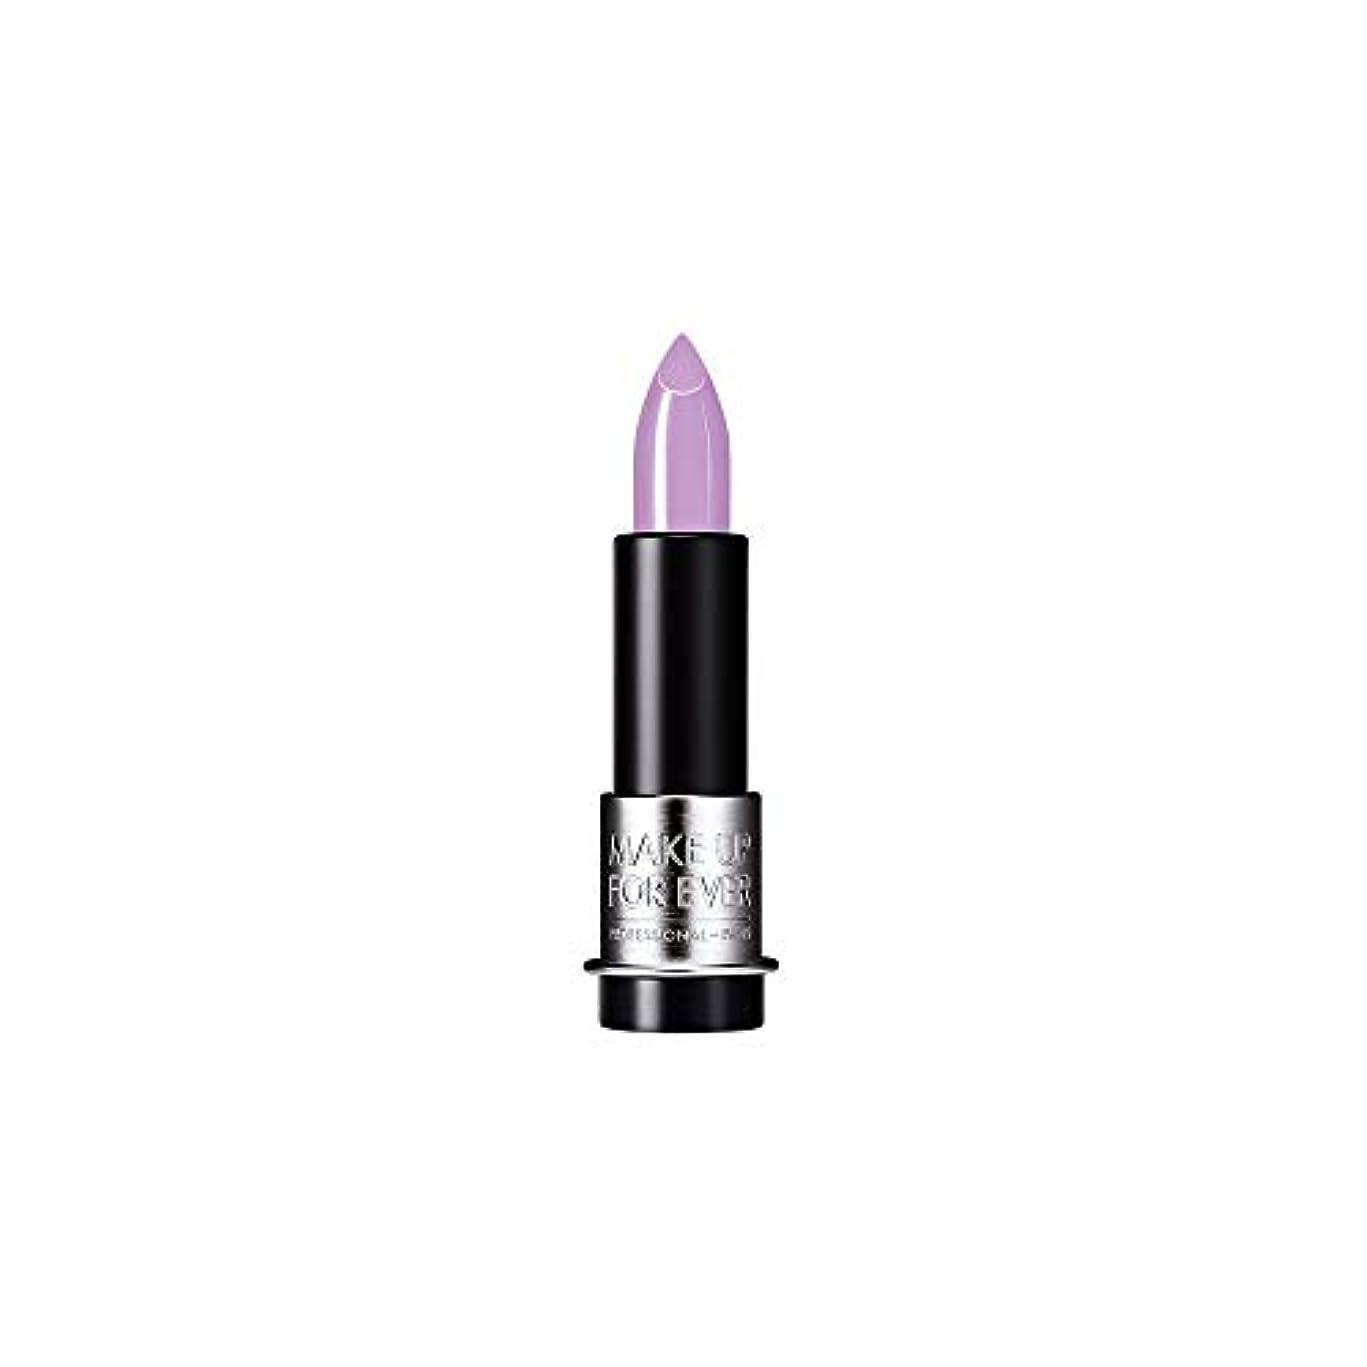 確執子羊フック[MAKE UP FOR EVER] これまでアーティストルージュクリーム口紅3.5グラムのC503を補う - 藤紫 - MAKE UP FOR EVER Artist Rouge Creme Lipstick 3.5g C503 - Mauve Violet [並行輸入品]